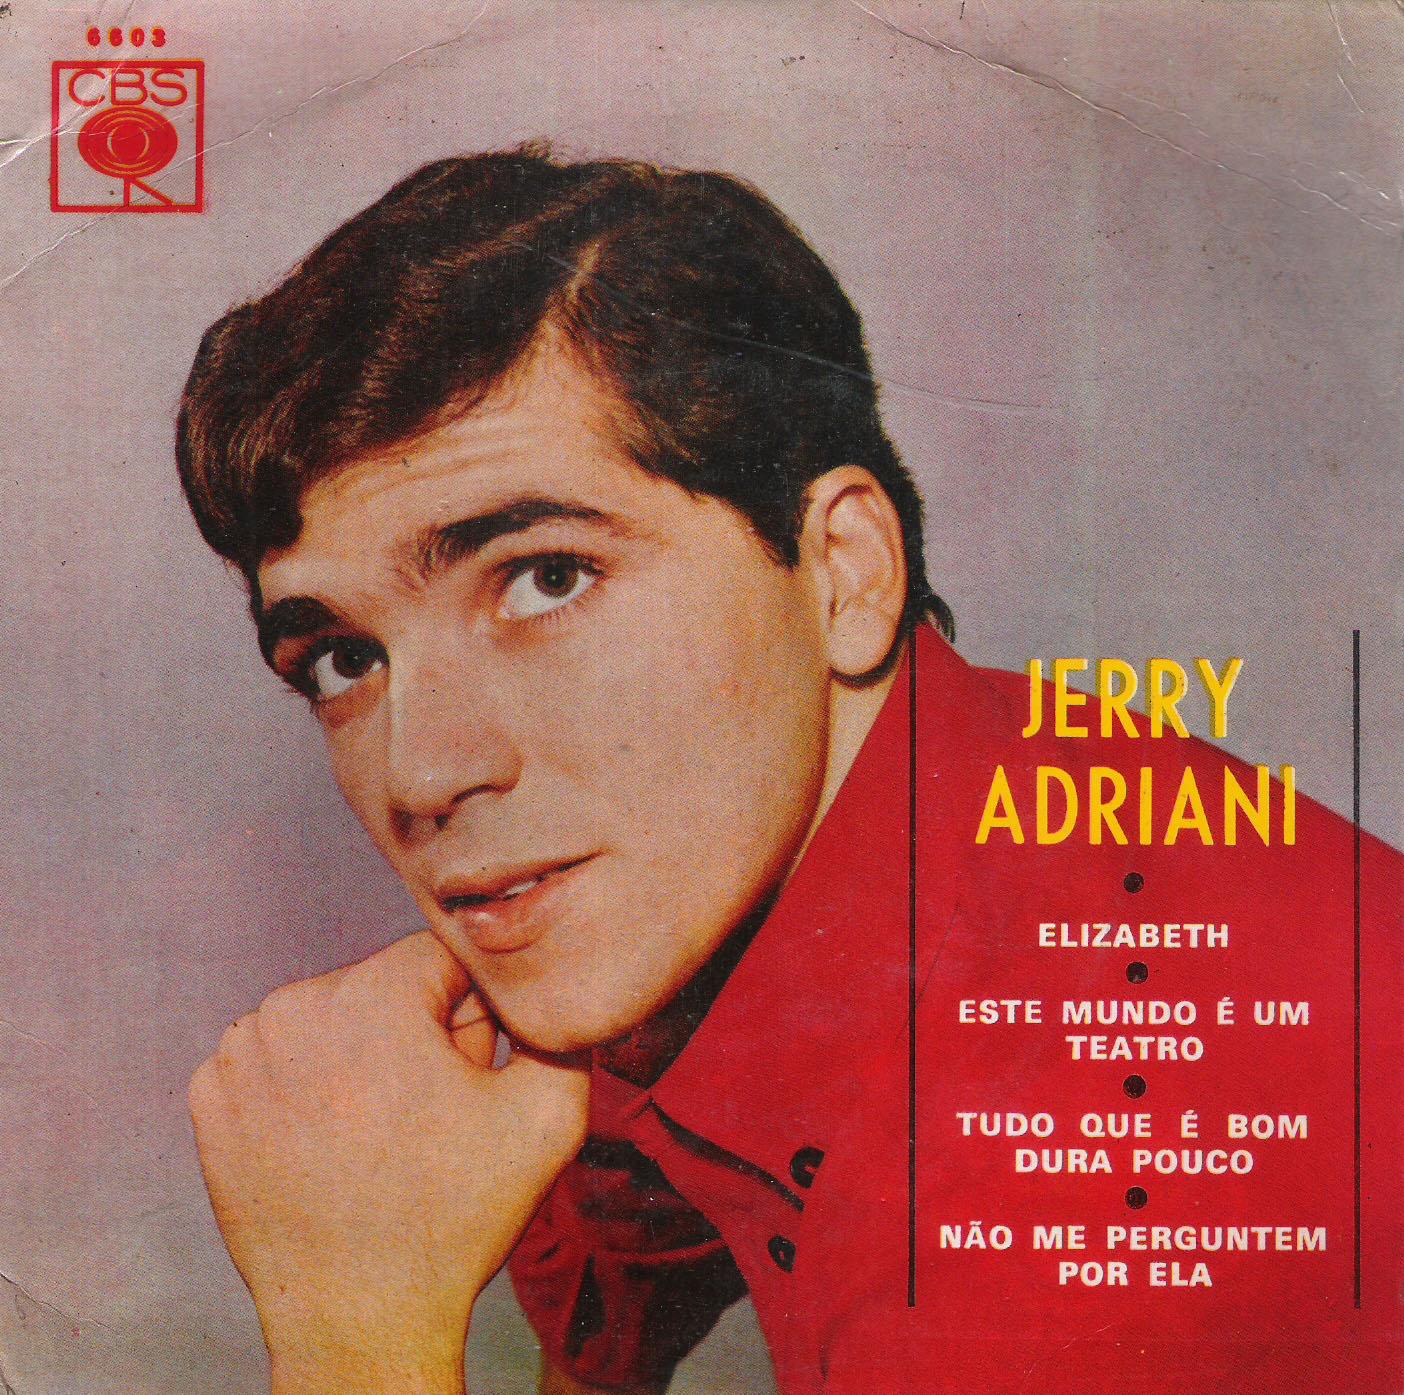 http://2.bp.blogspot.com/_PzNqvAO3puc/S9bJEK3xKmI/AAAAAAAASXc/n8fR-wF-pgg/s1600/JerryAdriani.jpg